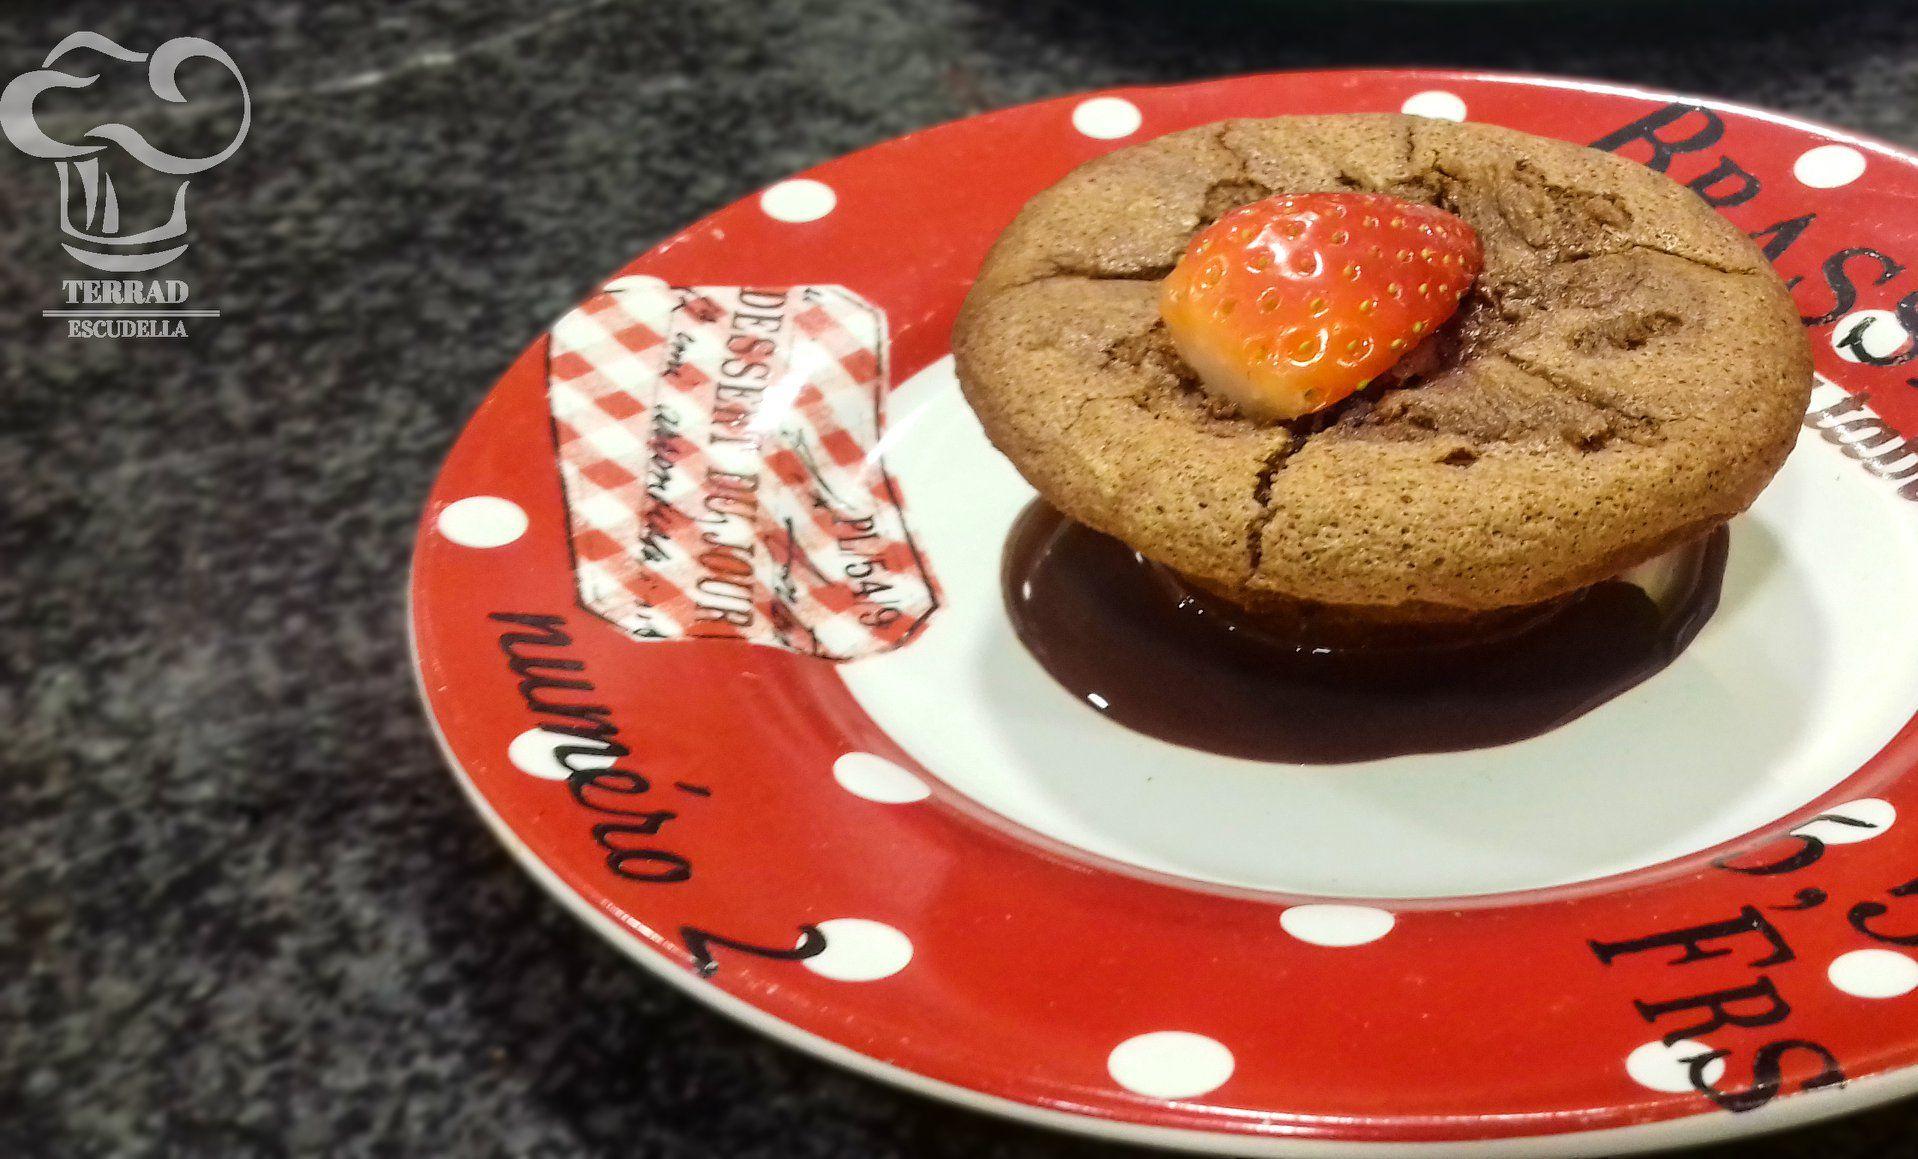 Pastelito de chocolate y pimentón